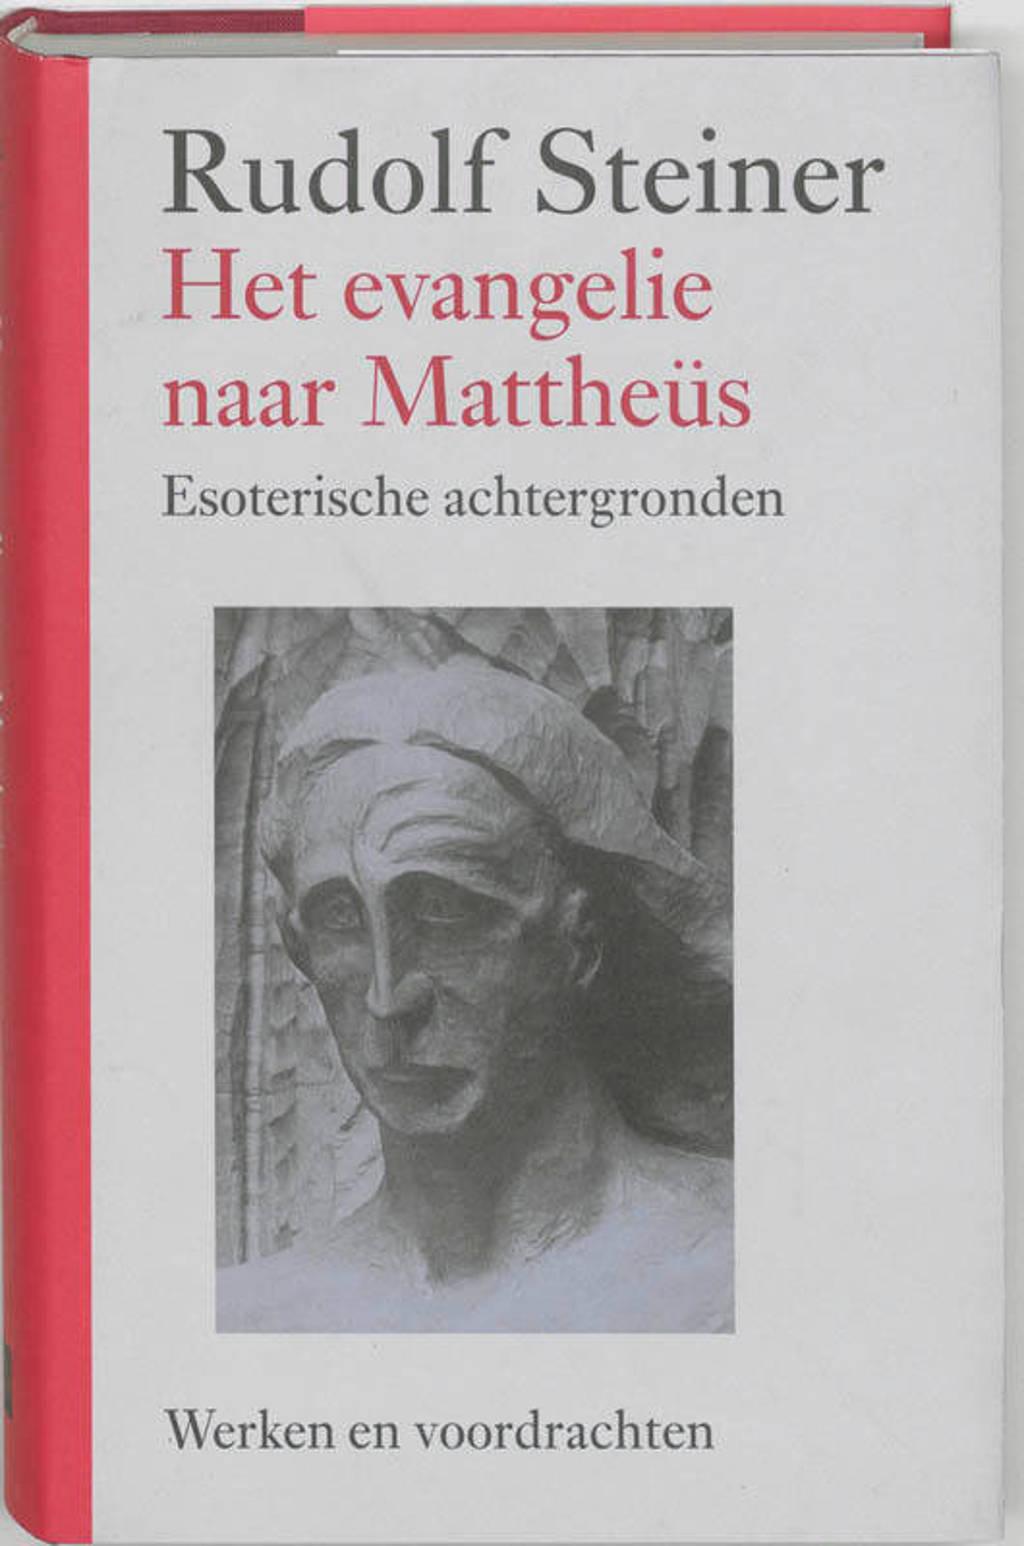 Werken en voordrachten: Het evangelie naar Mattheus - Rudolf Steiner